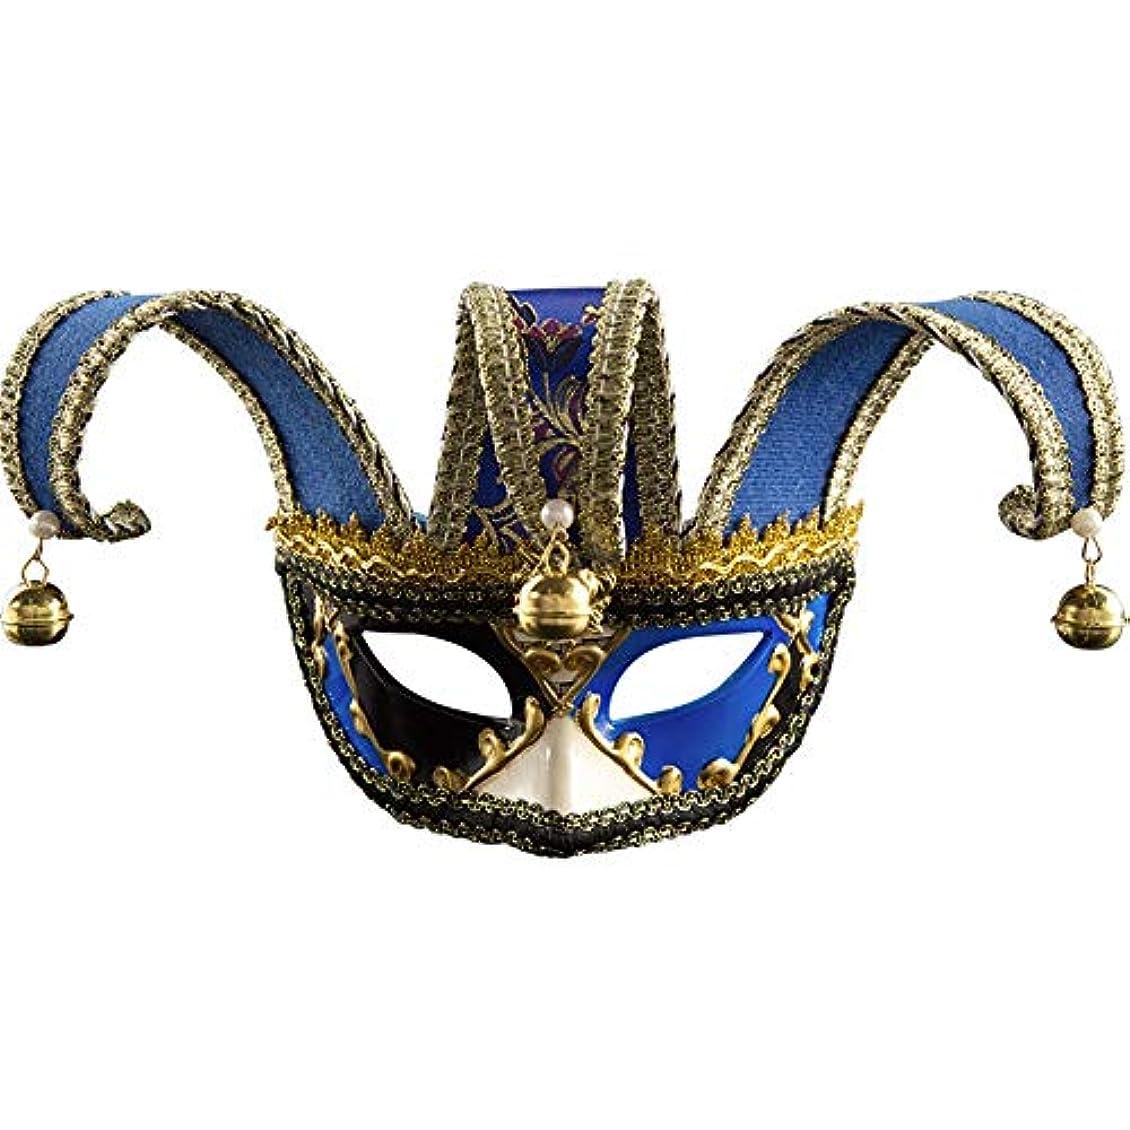 にもかかわらず過剰カフェダンスマスク ナイトクラブ音楽カーニバルマスク雰囲気クリスマスフェスティバルプラスチックマスクイブニングパーティーボール ホリデーパーティー用品 (色 : 青, サイズ : 16.5x29cm)